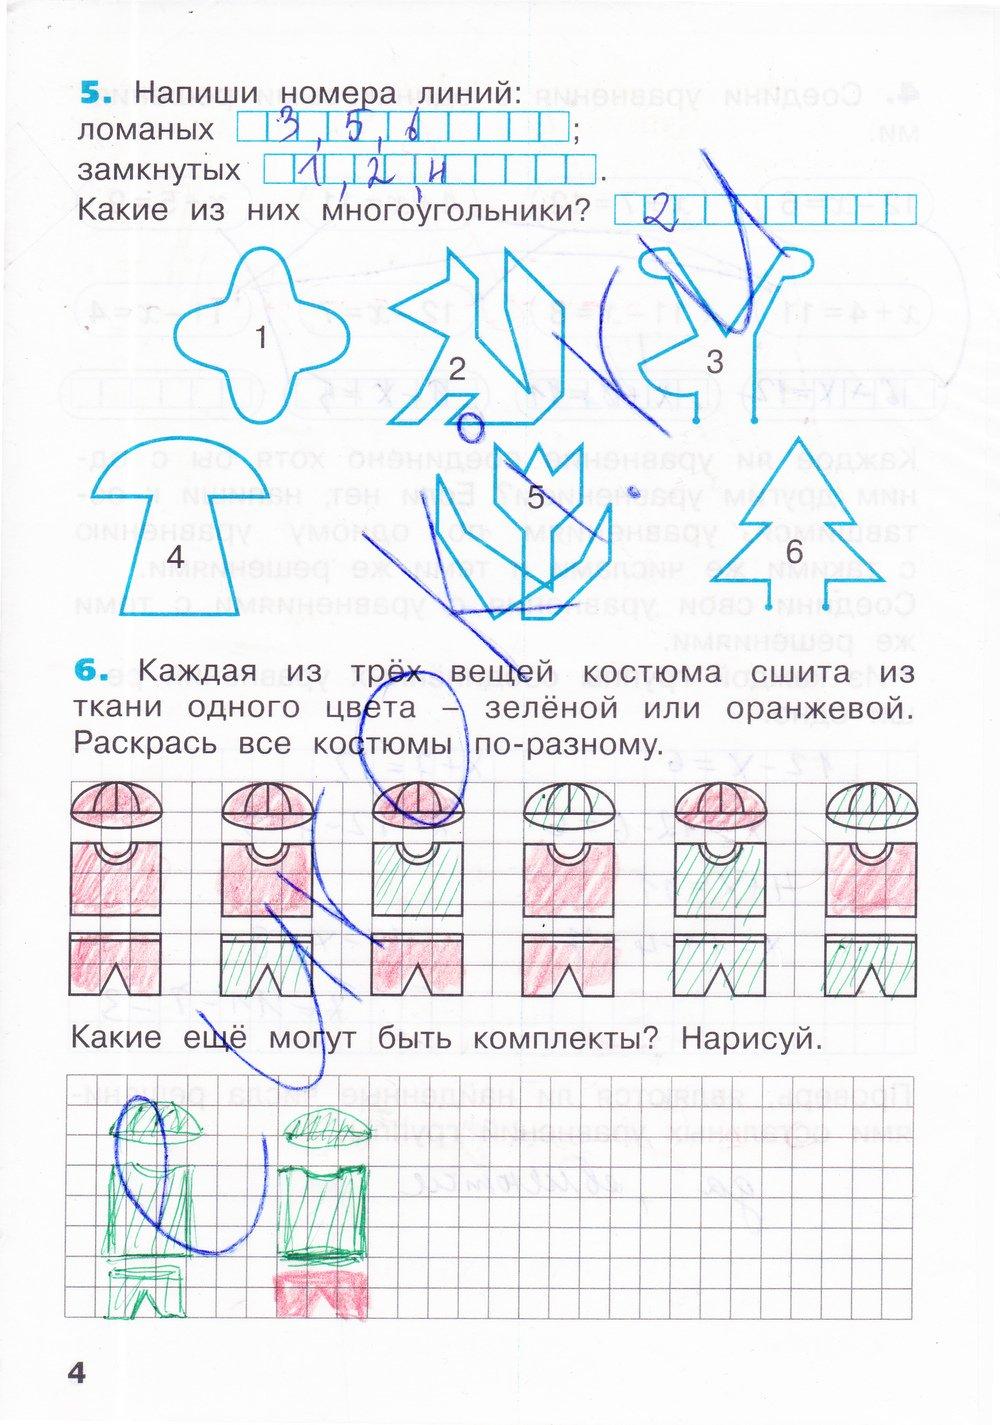 Бененсон Математика 2 Класс Решебник Тетрадь 4